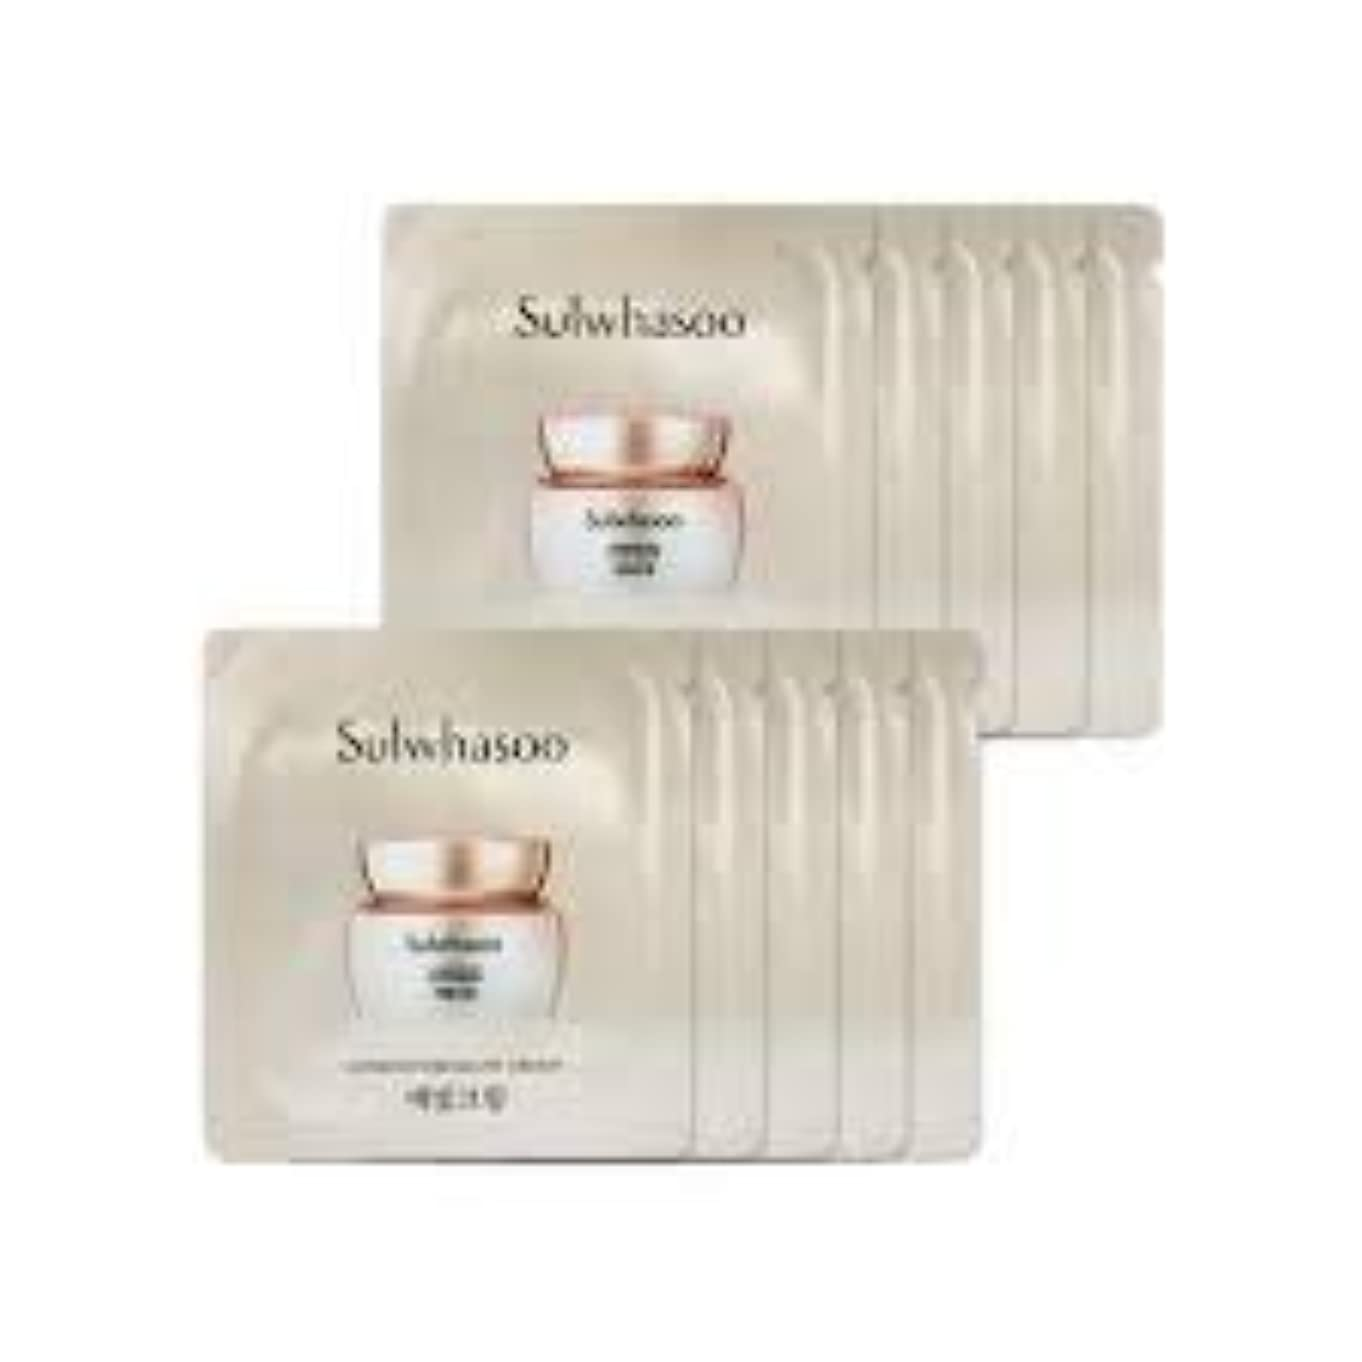 特異性労働新鮮な[ソルファス ] Sulwhasoo (雪花秀) ルミナチュアグロー Luminature Glow Cream 1ml x 30 (イェビトクリーム) [ShopMaster1]